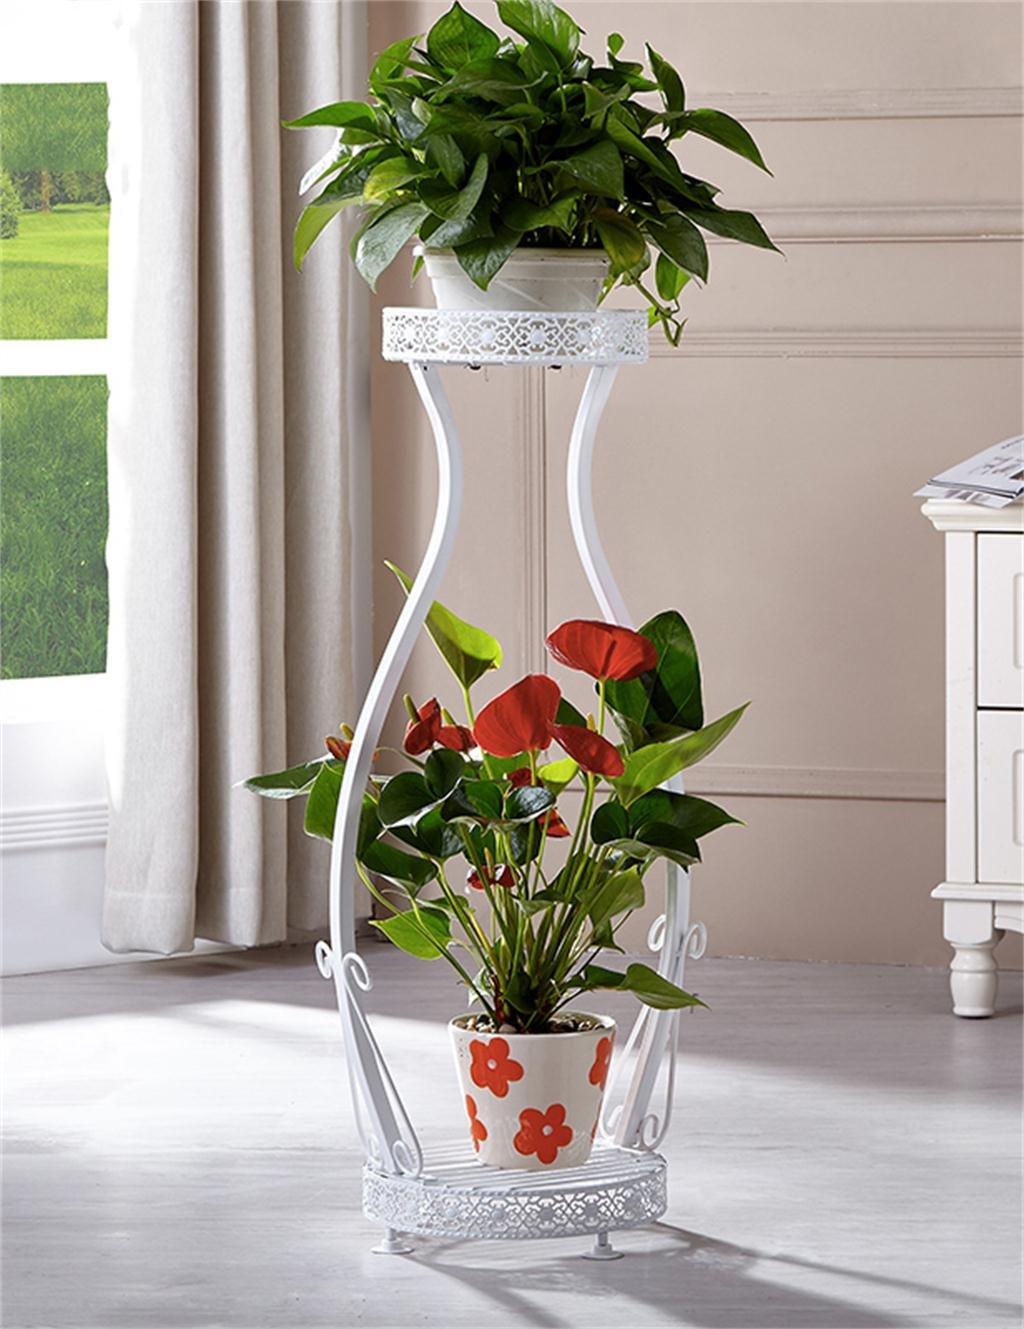 Europäische 2-Tier Schmiedeeisen Boden Flower Pot Regal, Pflanzen stehen, Blumenregal für Balkon, Indoor, Wohnzimmer Leiter ( farbe : Weiß , größe : L )